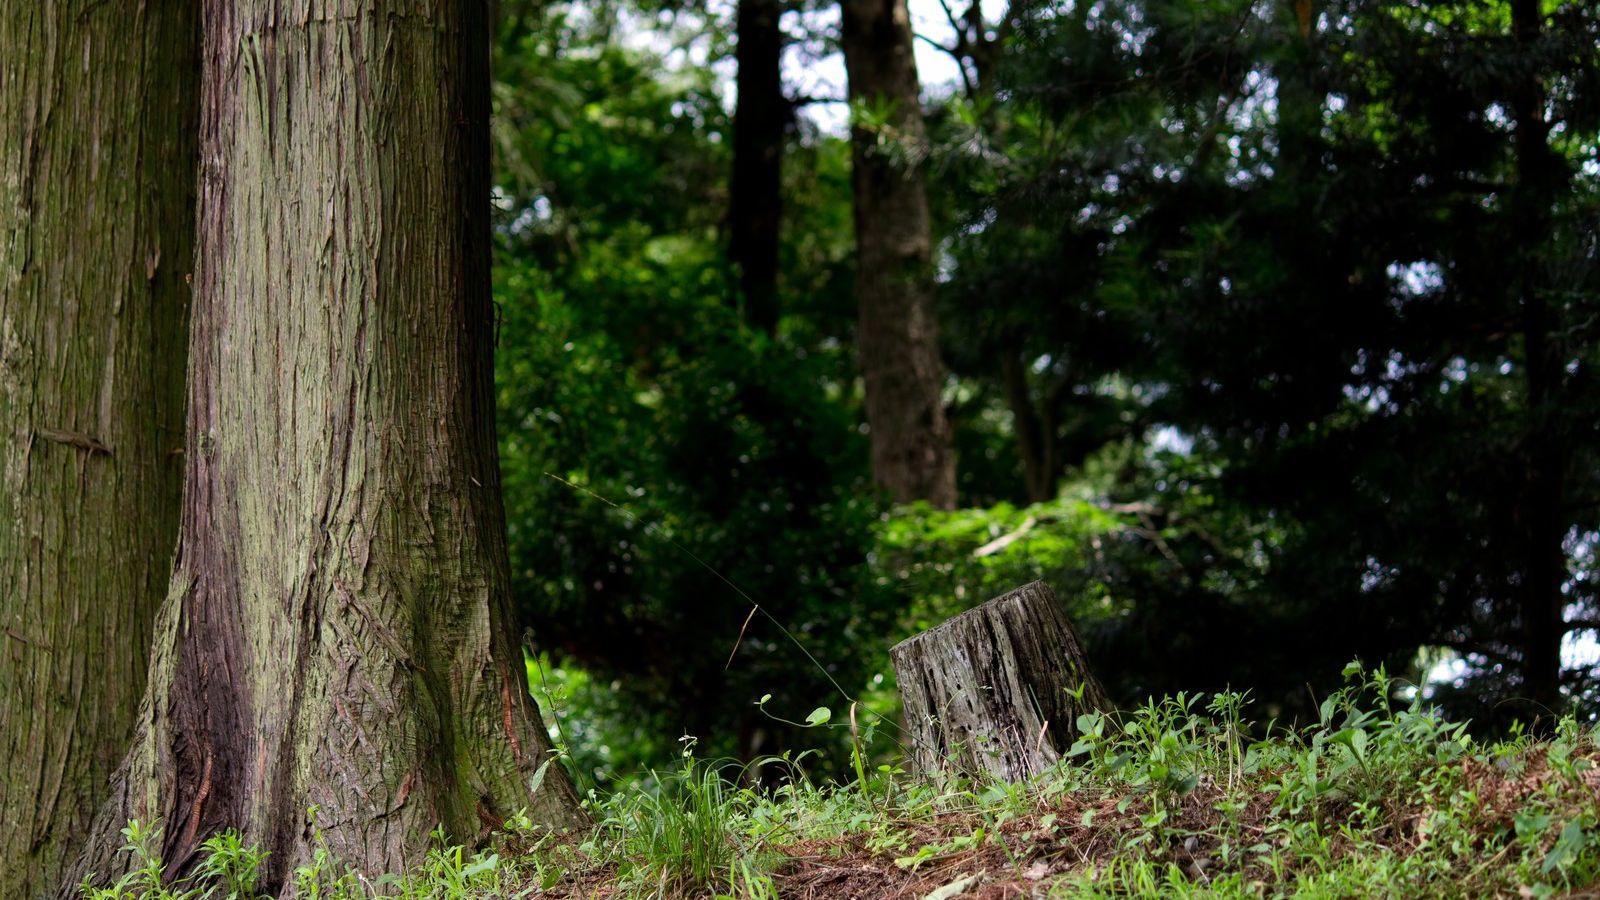 【樹木図鑑】戦後を代表する木材。精油に線香に広がるスギの可能性。